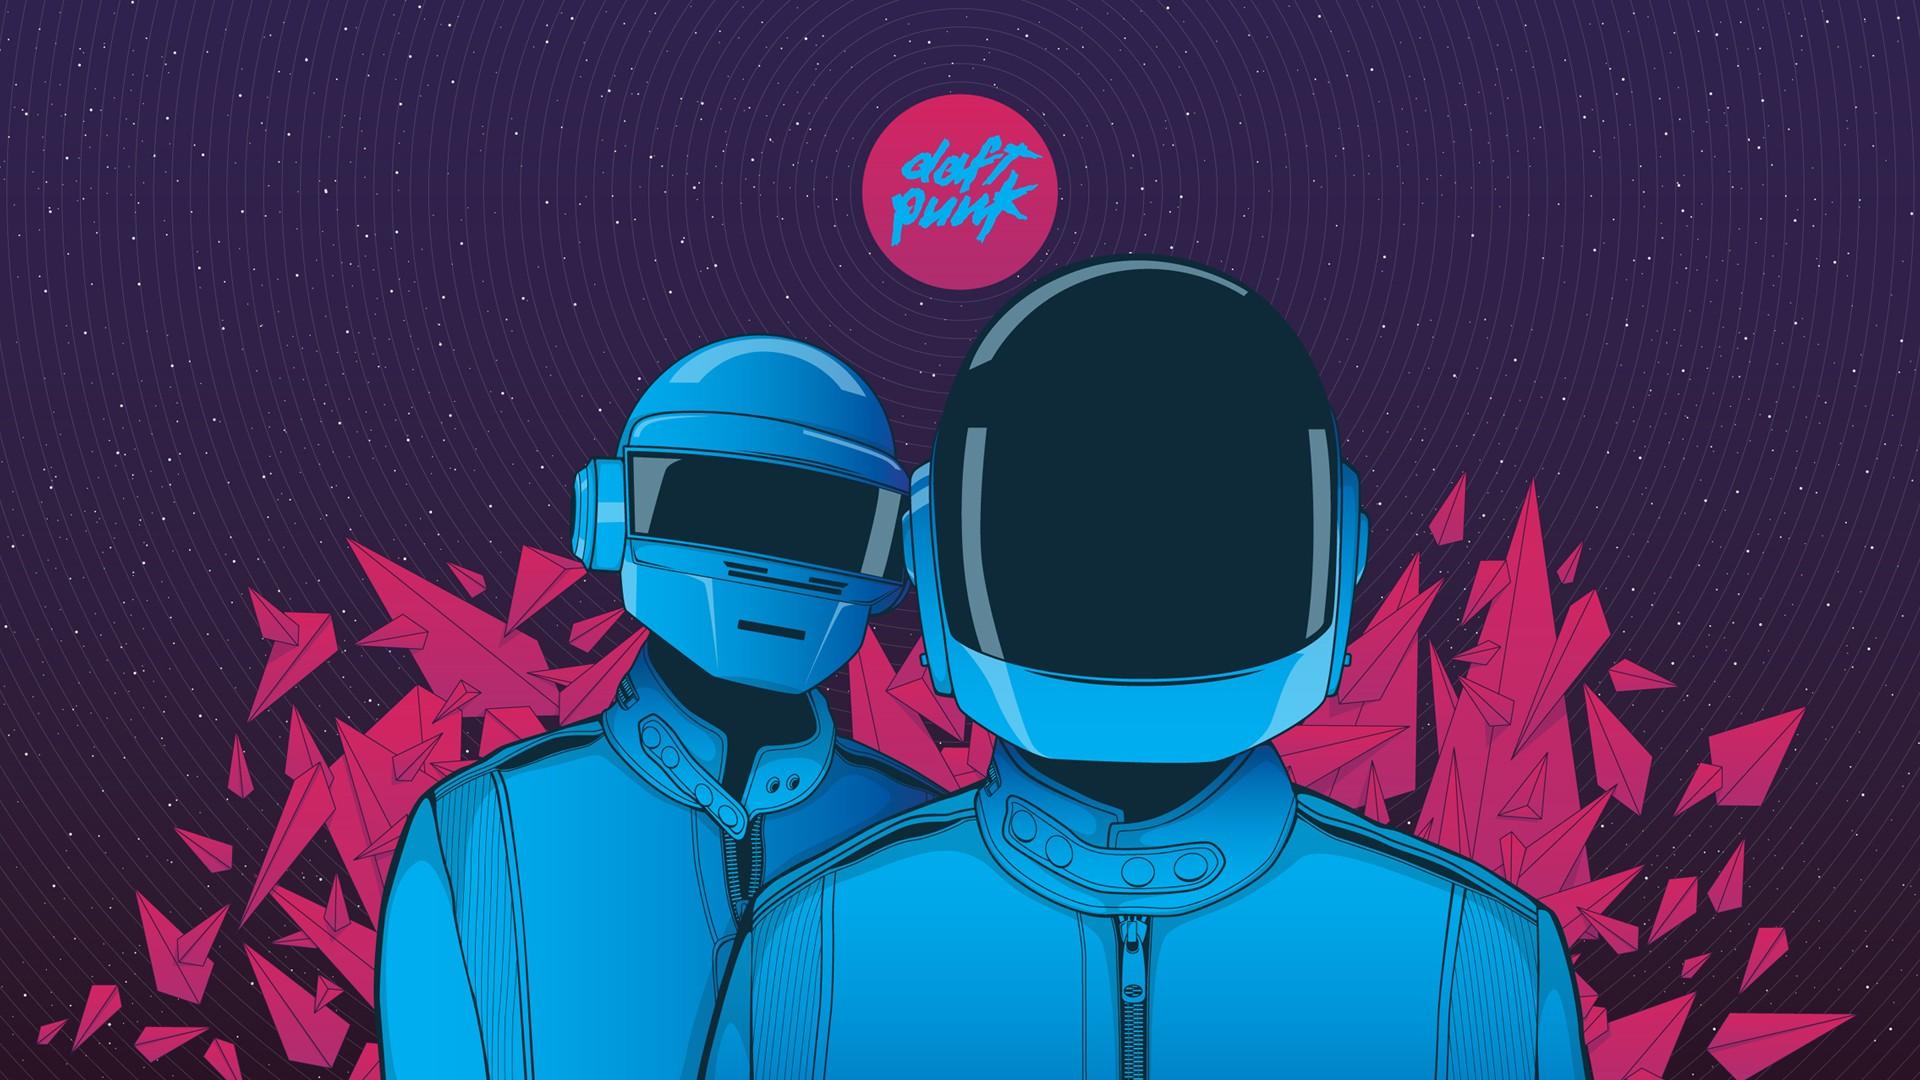 Daft Punk Minimalism 2, HD Music, 4k Wallpapers, Images ...